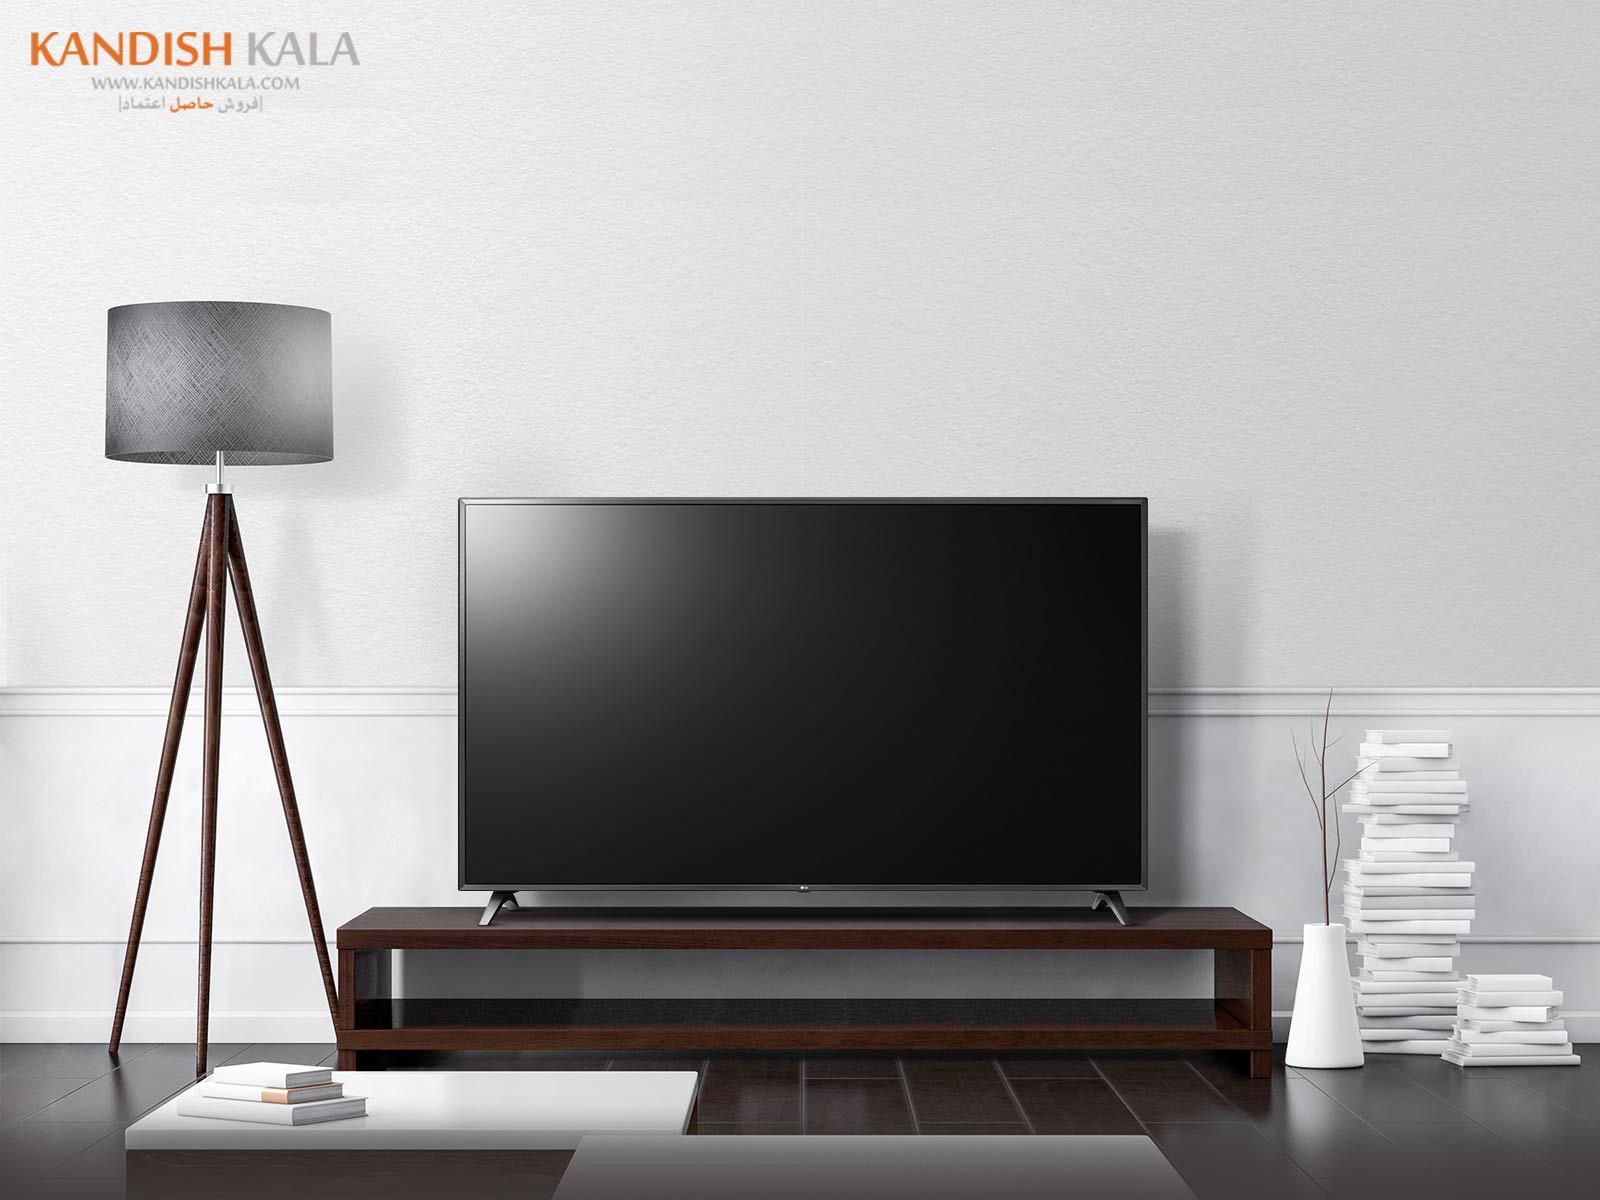 مشخصات تلویزیون 65 ال جی مدل 65UM751